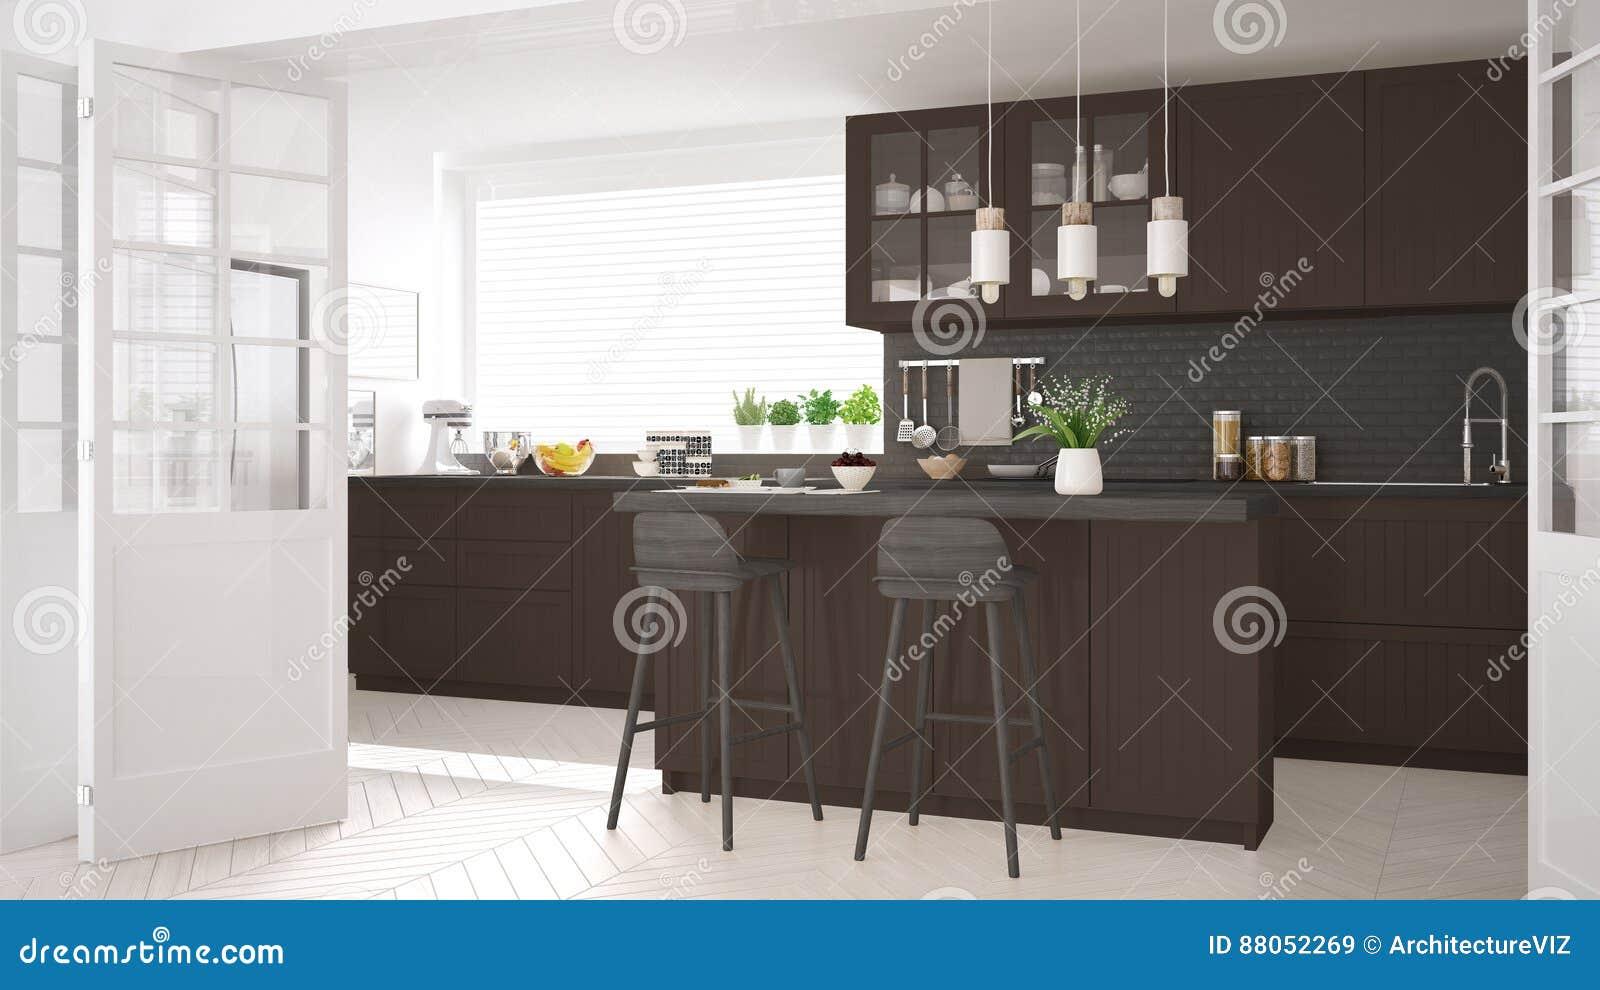 Keuken Interieur Scandinavisch : Skandinavische klassieke keuken met houten en bruine details mini